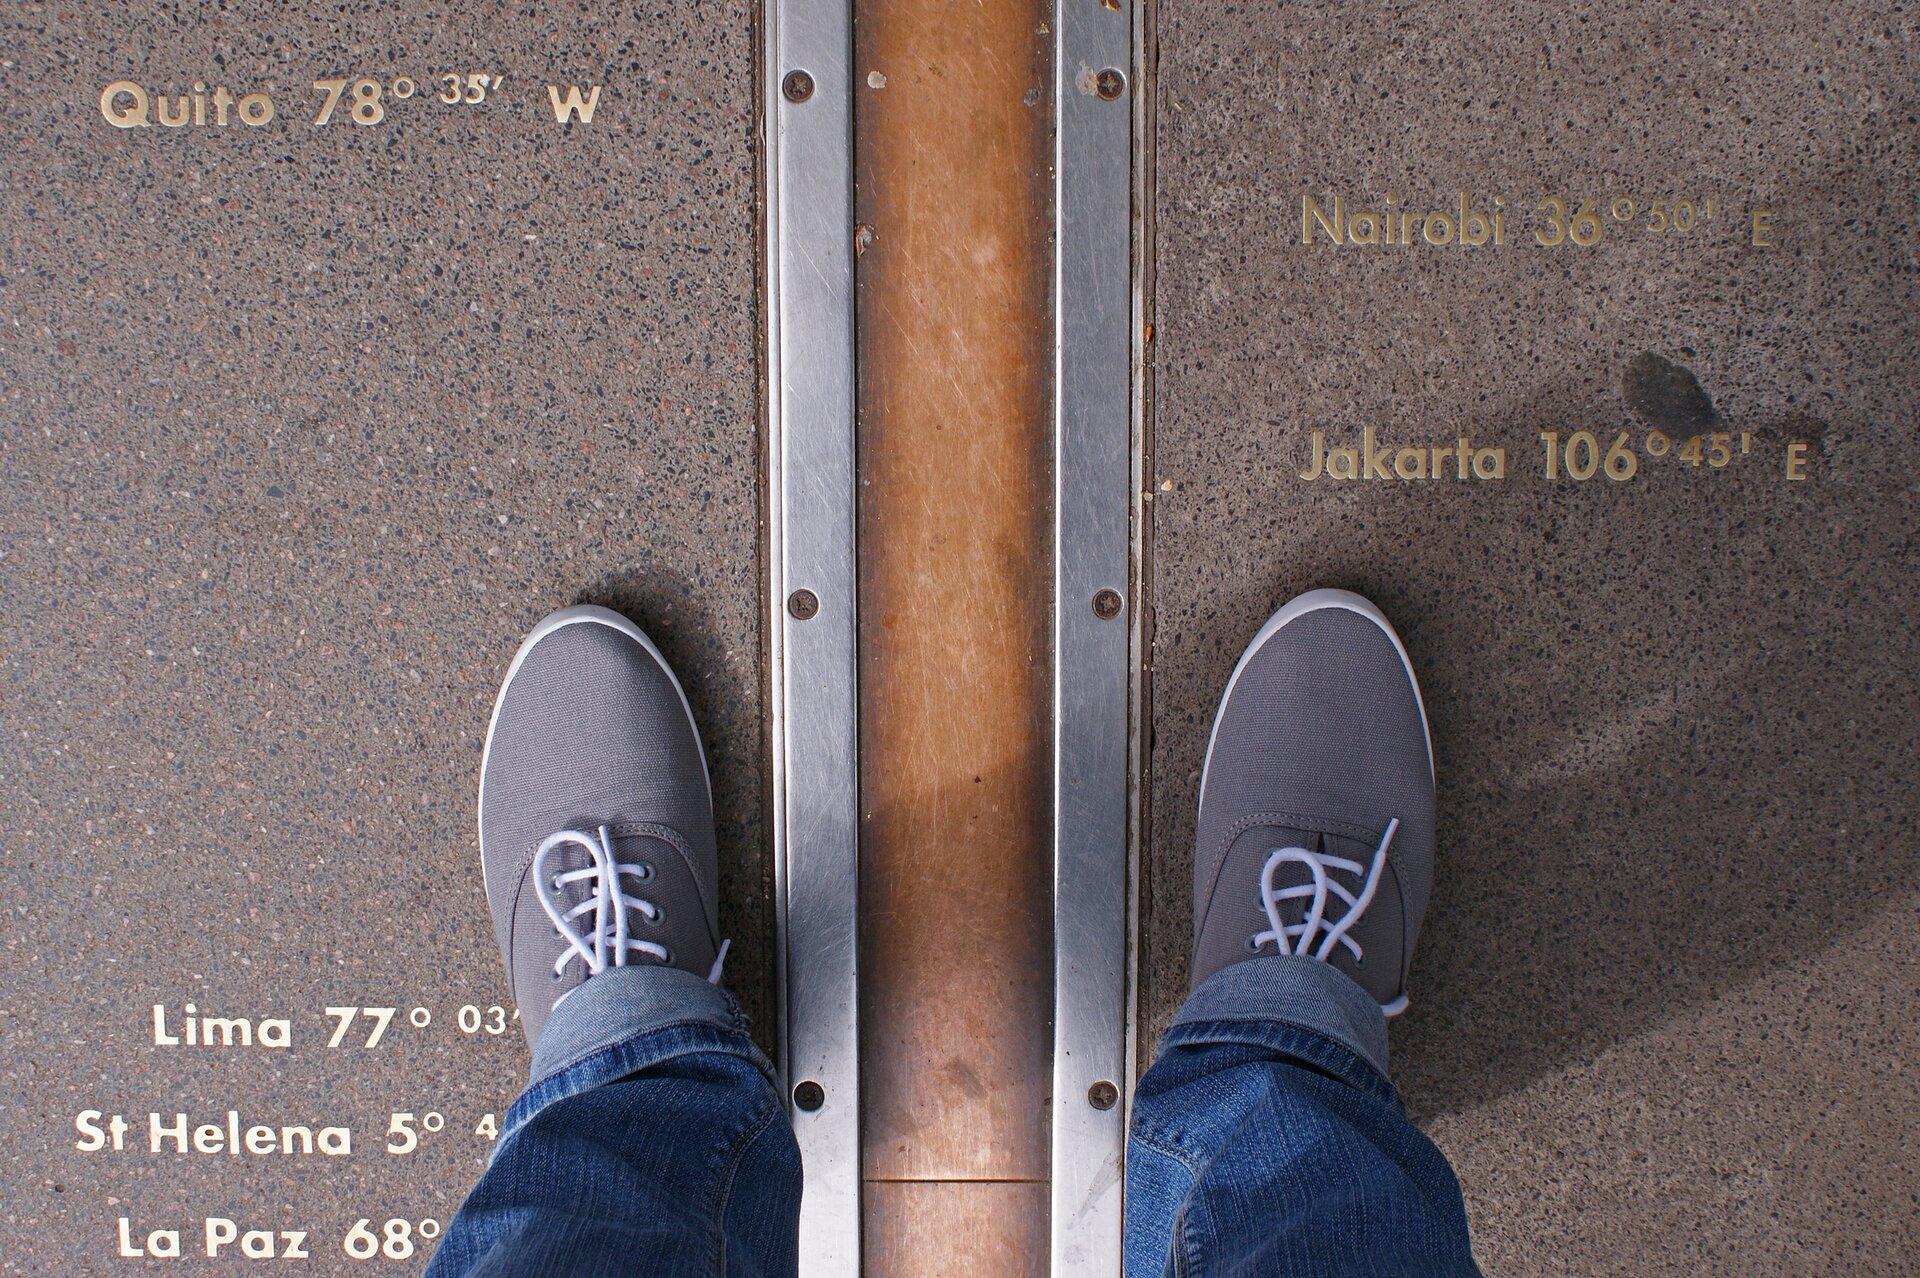 Na fotografii widać asfaltową powierzchnię. Widać stopy fotografia. Między stopami znajduje się wtopiona wasfalt metalowa wstęga oznaczająca południk zerowy.